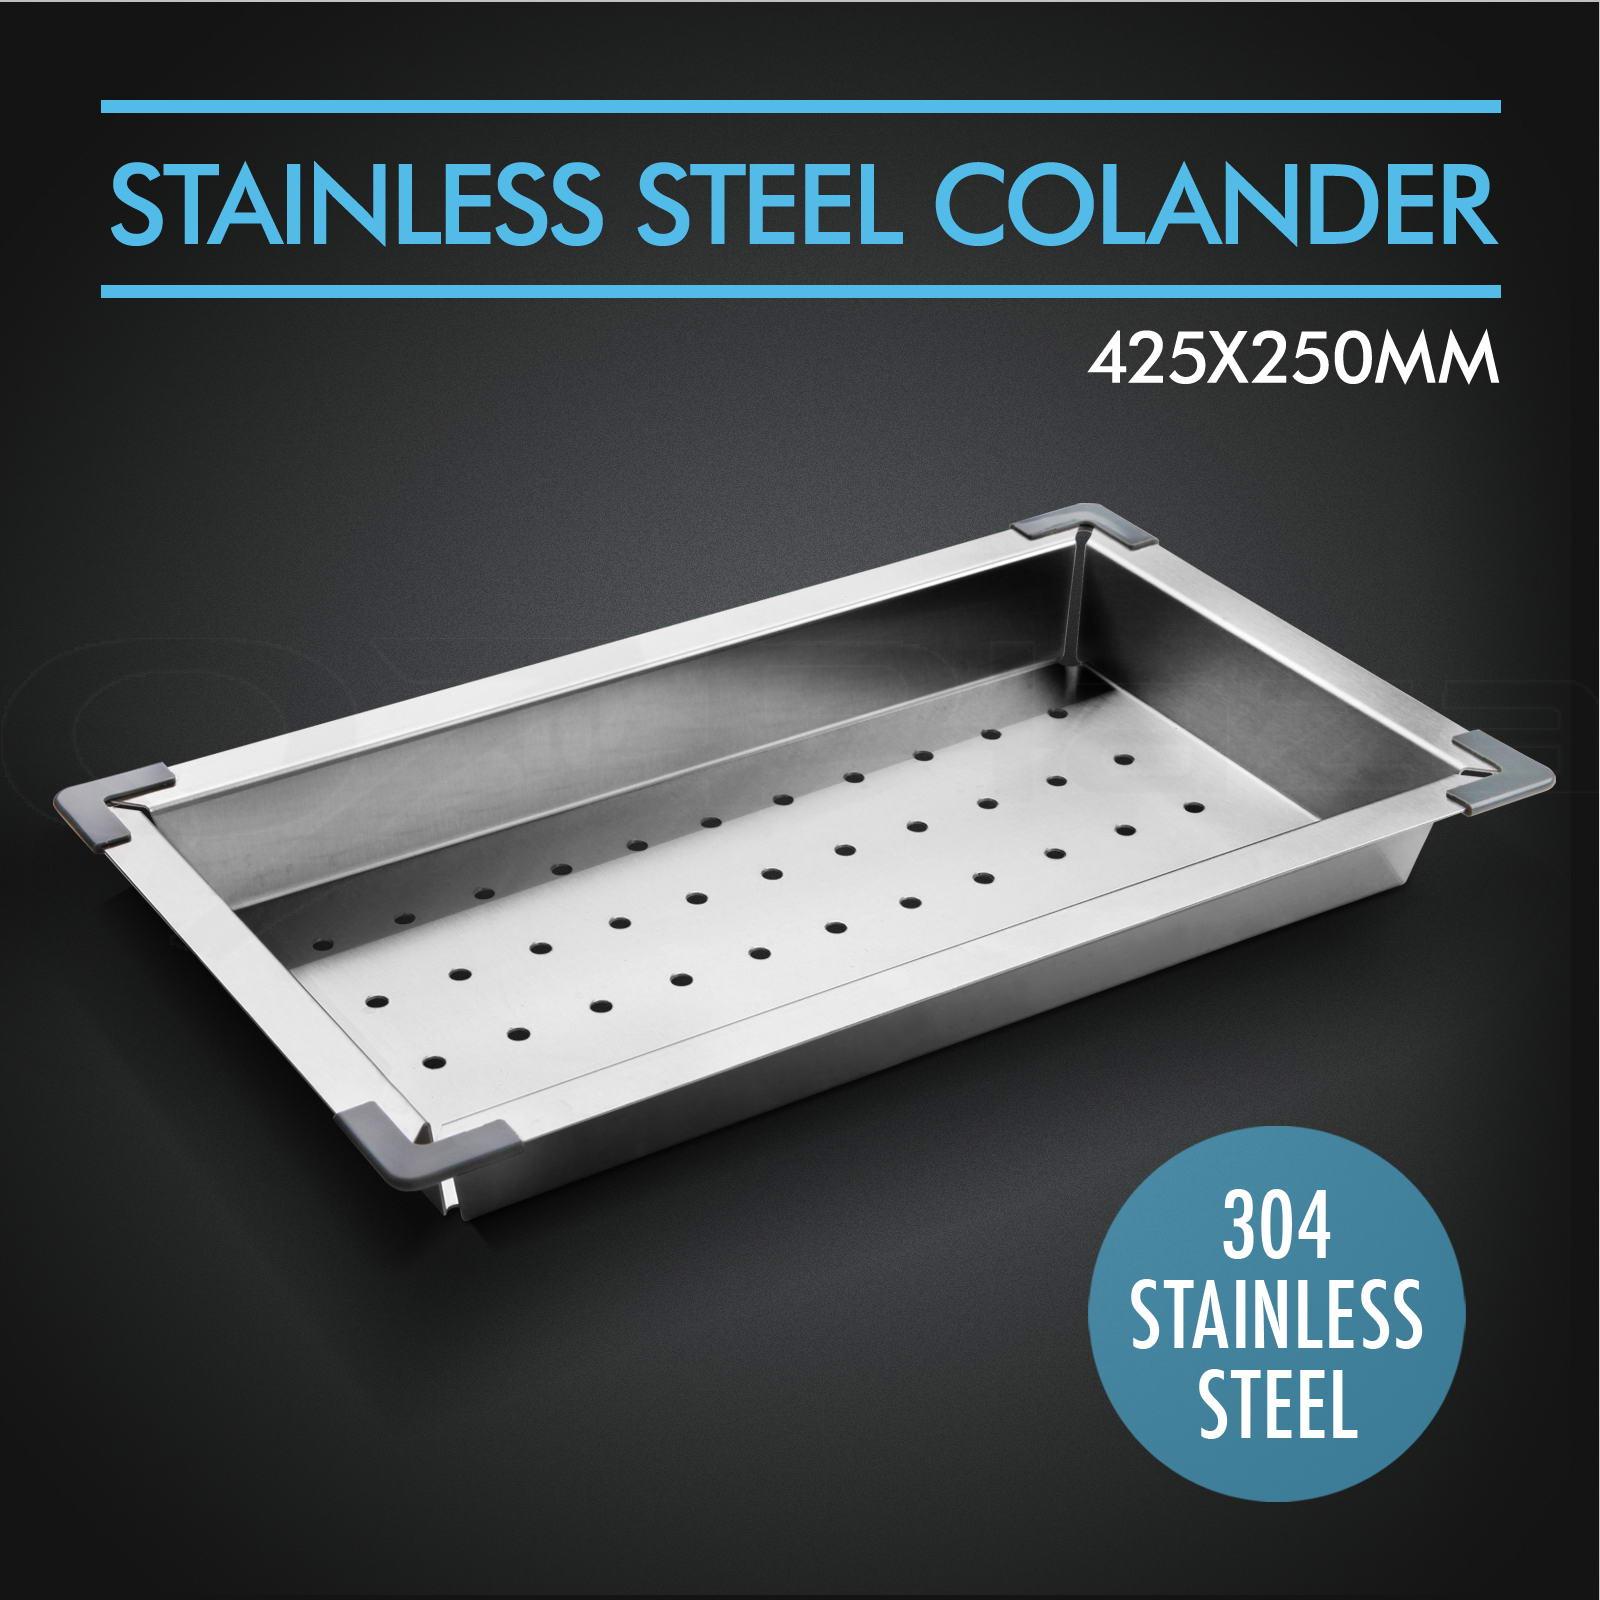 ... -Stainless-Steel-Kitchen-Sink-Colander-Drainer-Draining-Tray-Strainer